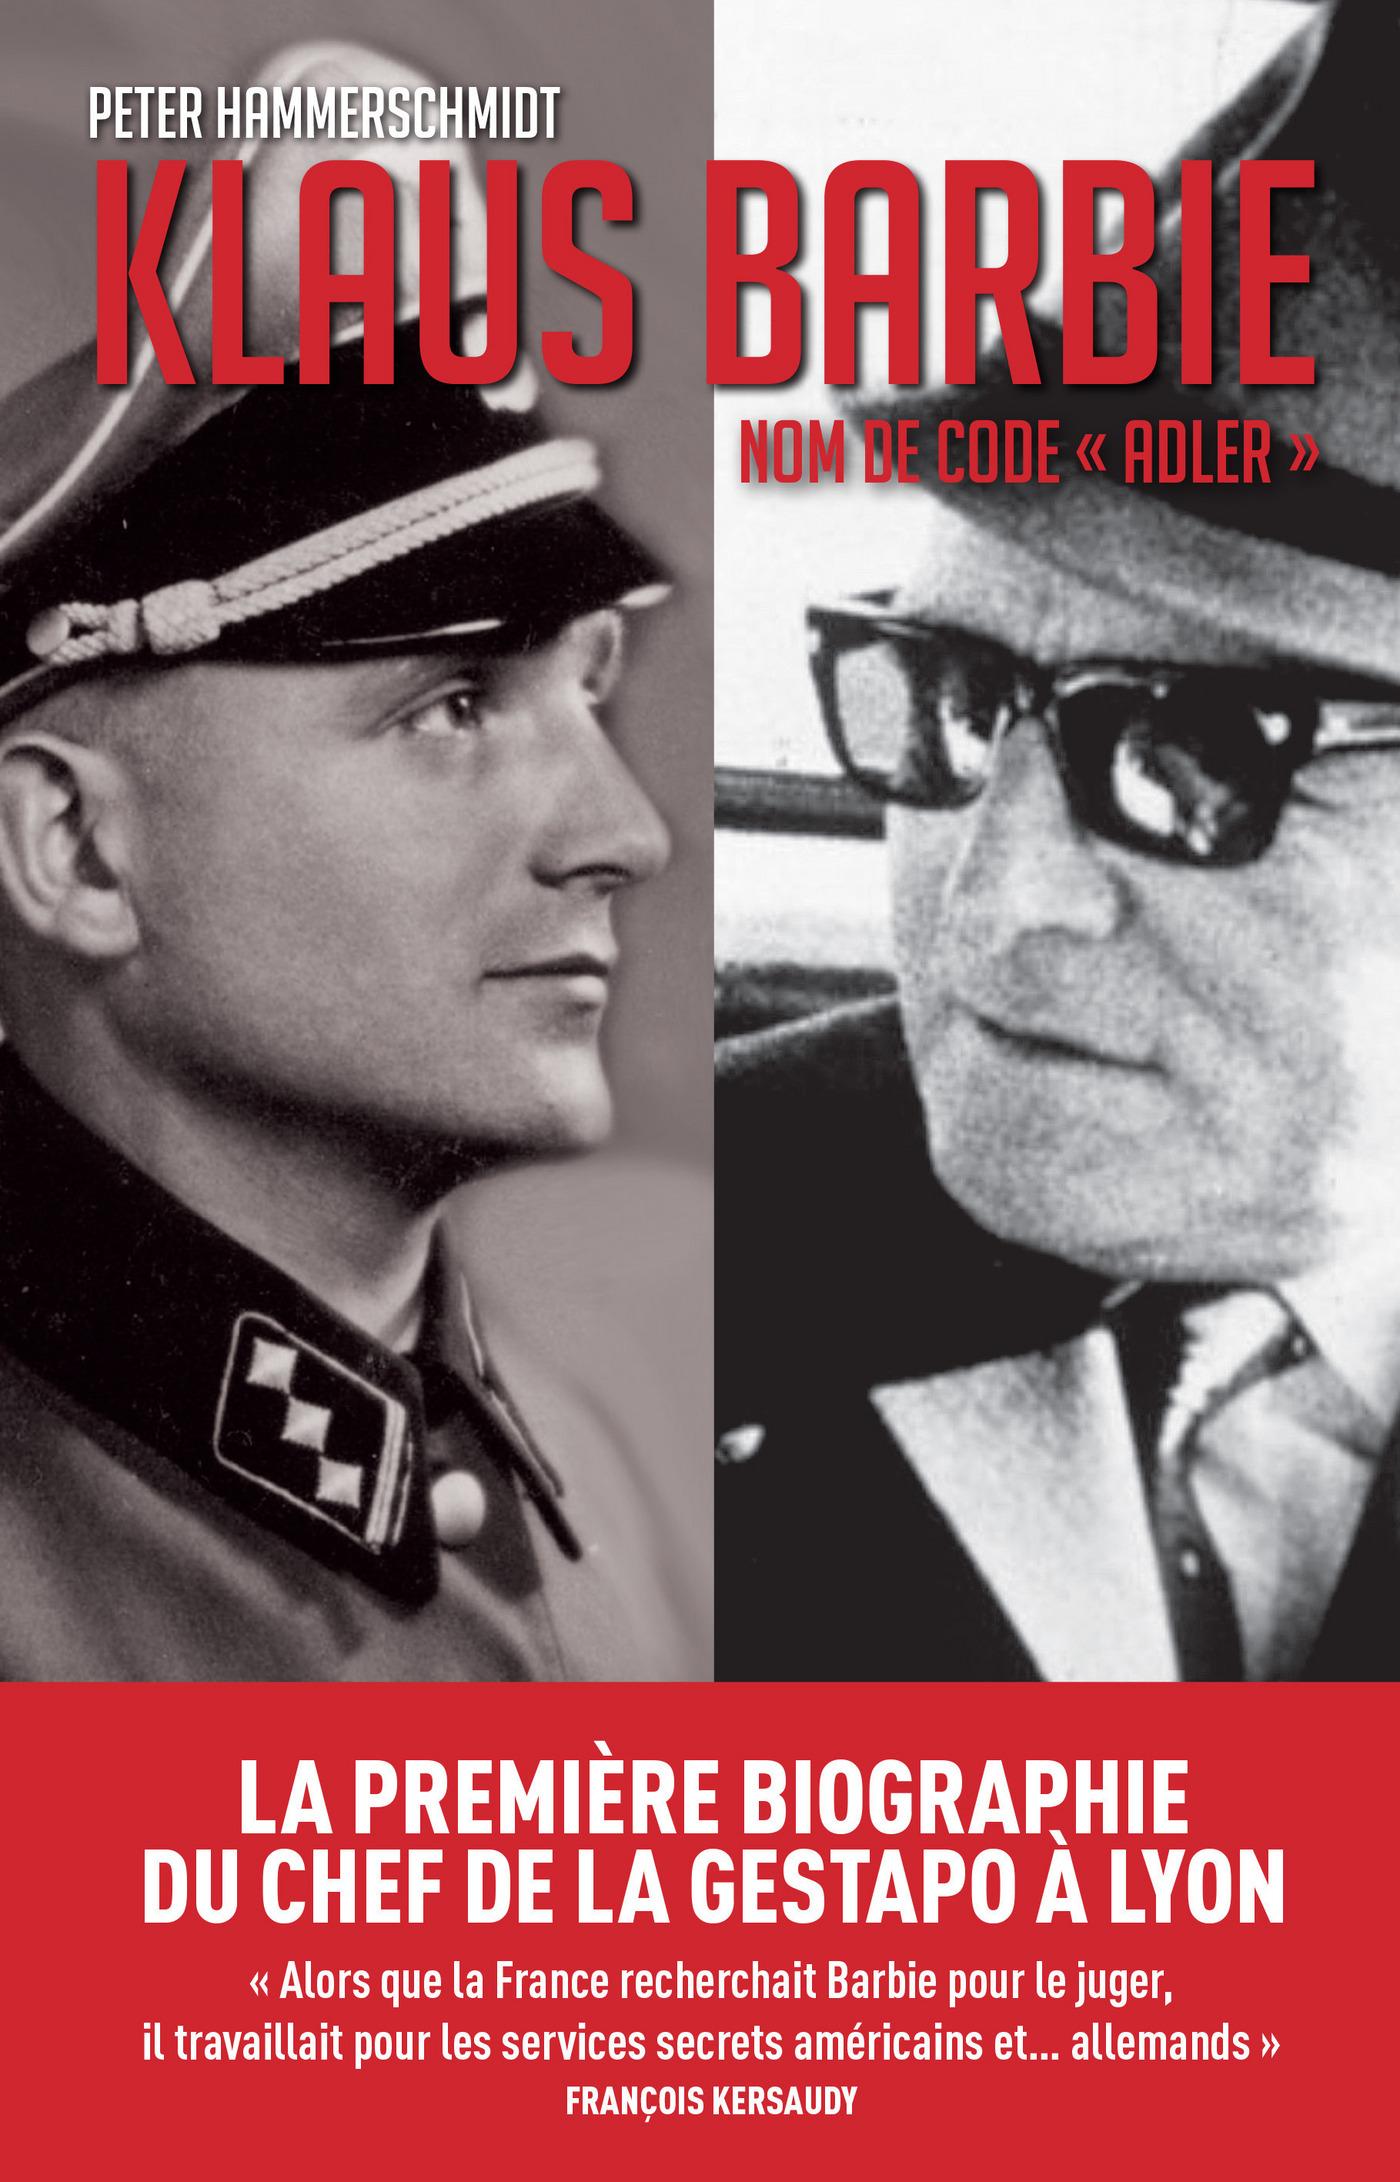 Klaus Barbie, nom de code Adler | Hammerschmidt, Peter